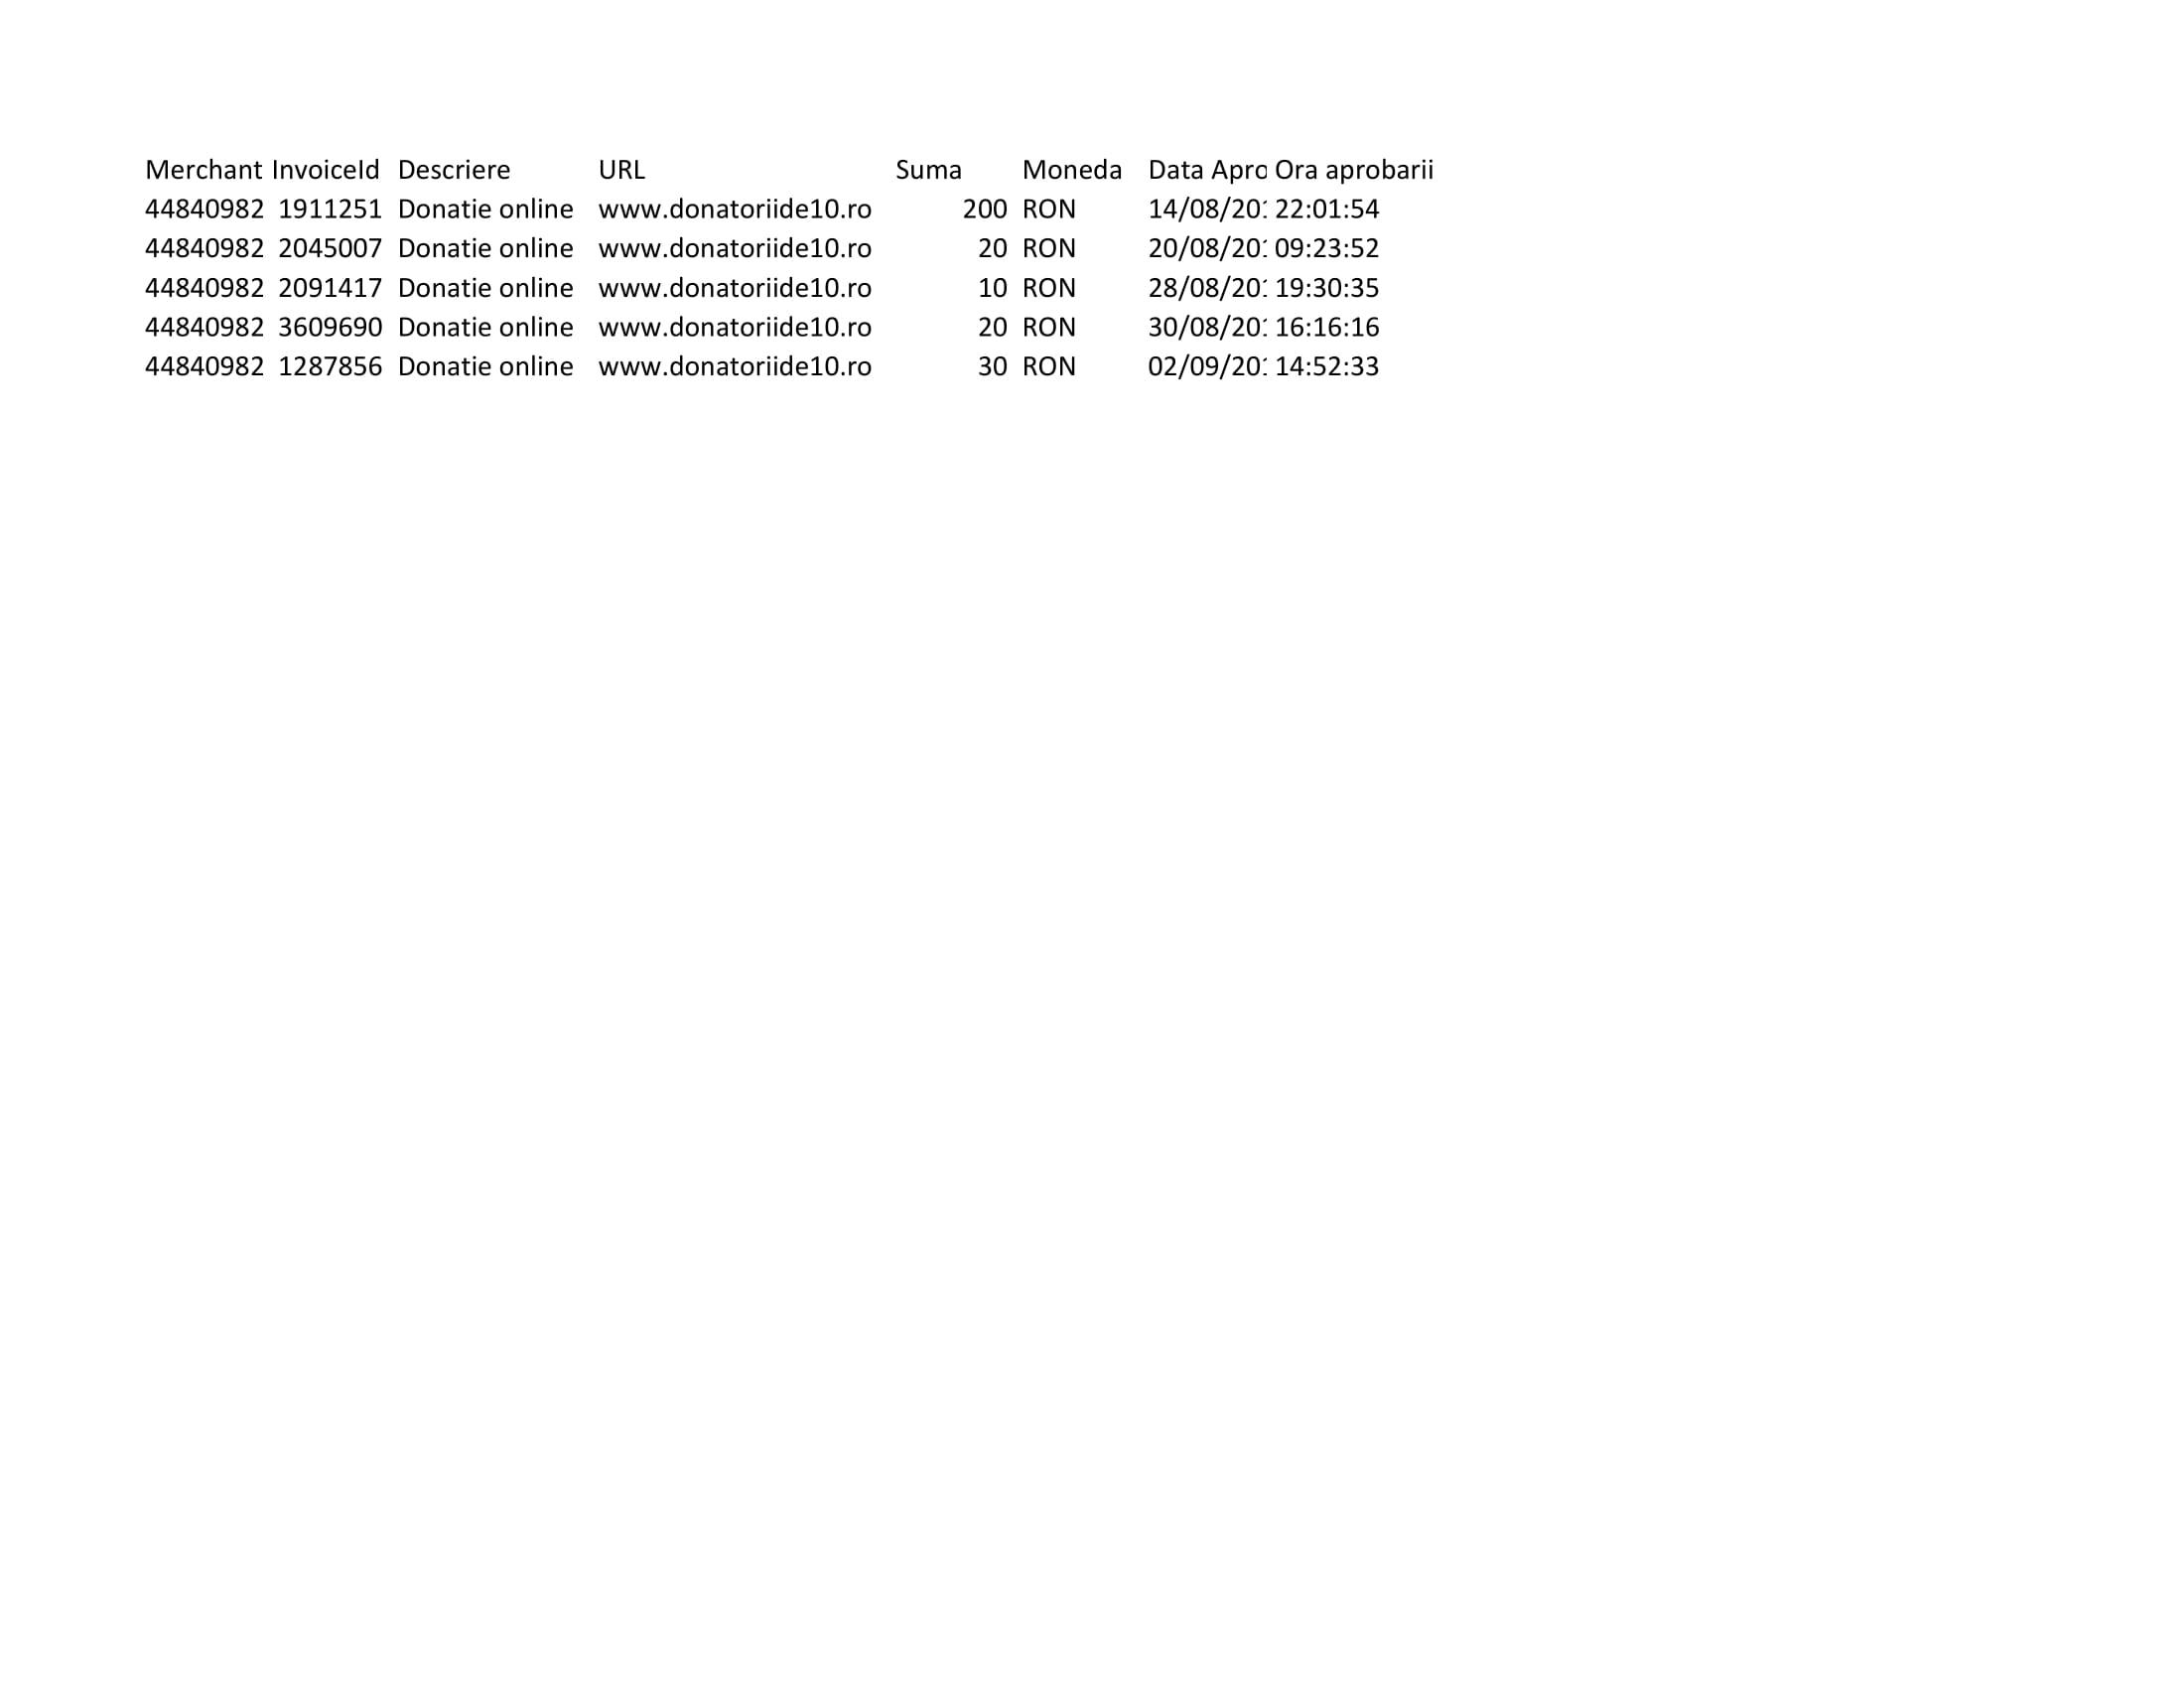 Detaliere e-commerce FPS01829935 ASOCIATIA DONATORII DE 10-EP - FPS01829935-1